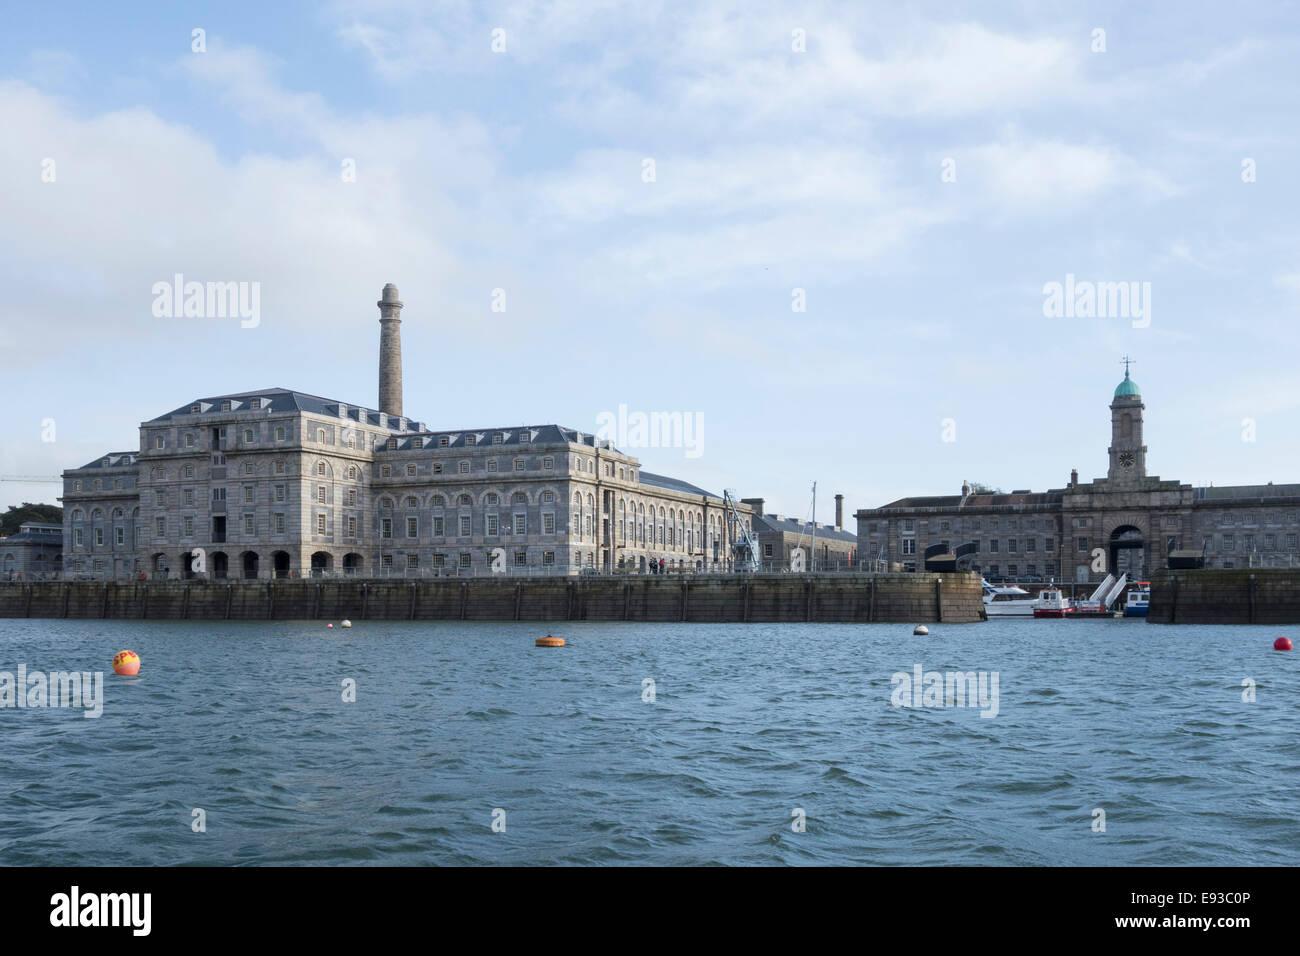 Royal William Boatyard at Plymouth. - Stock Image